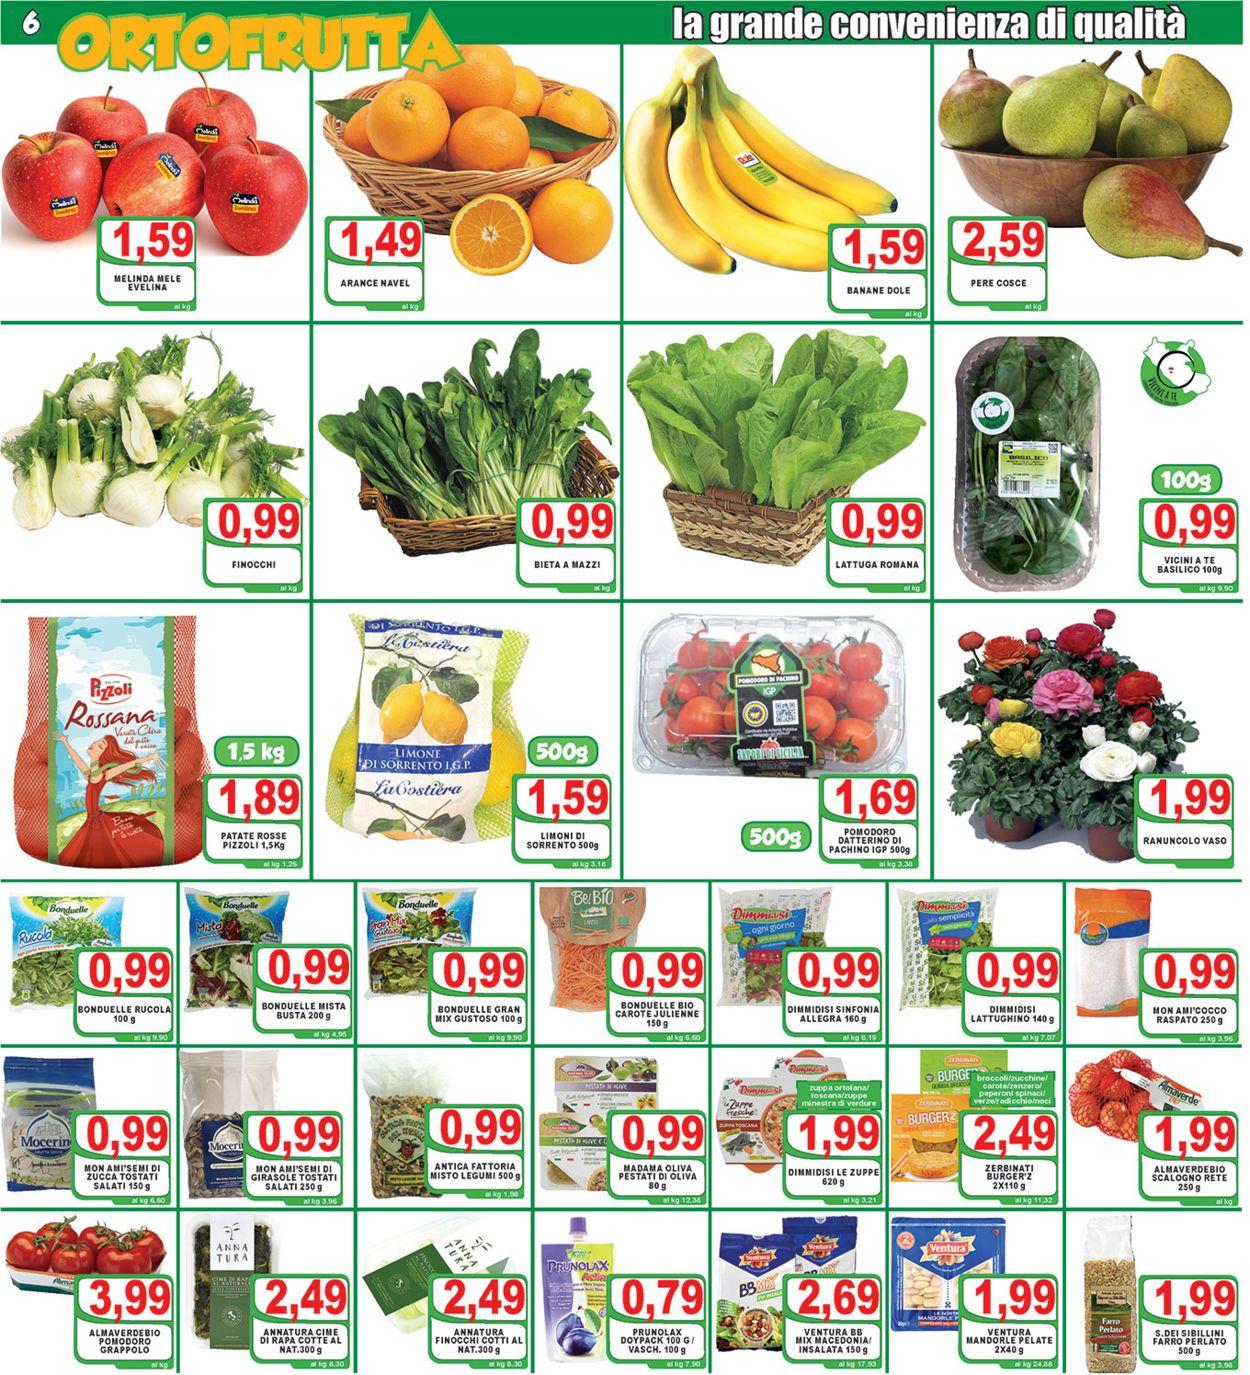 Volantino Top Supermercati - Offerte 11/03-19/03/2020 (Pagina 6)